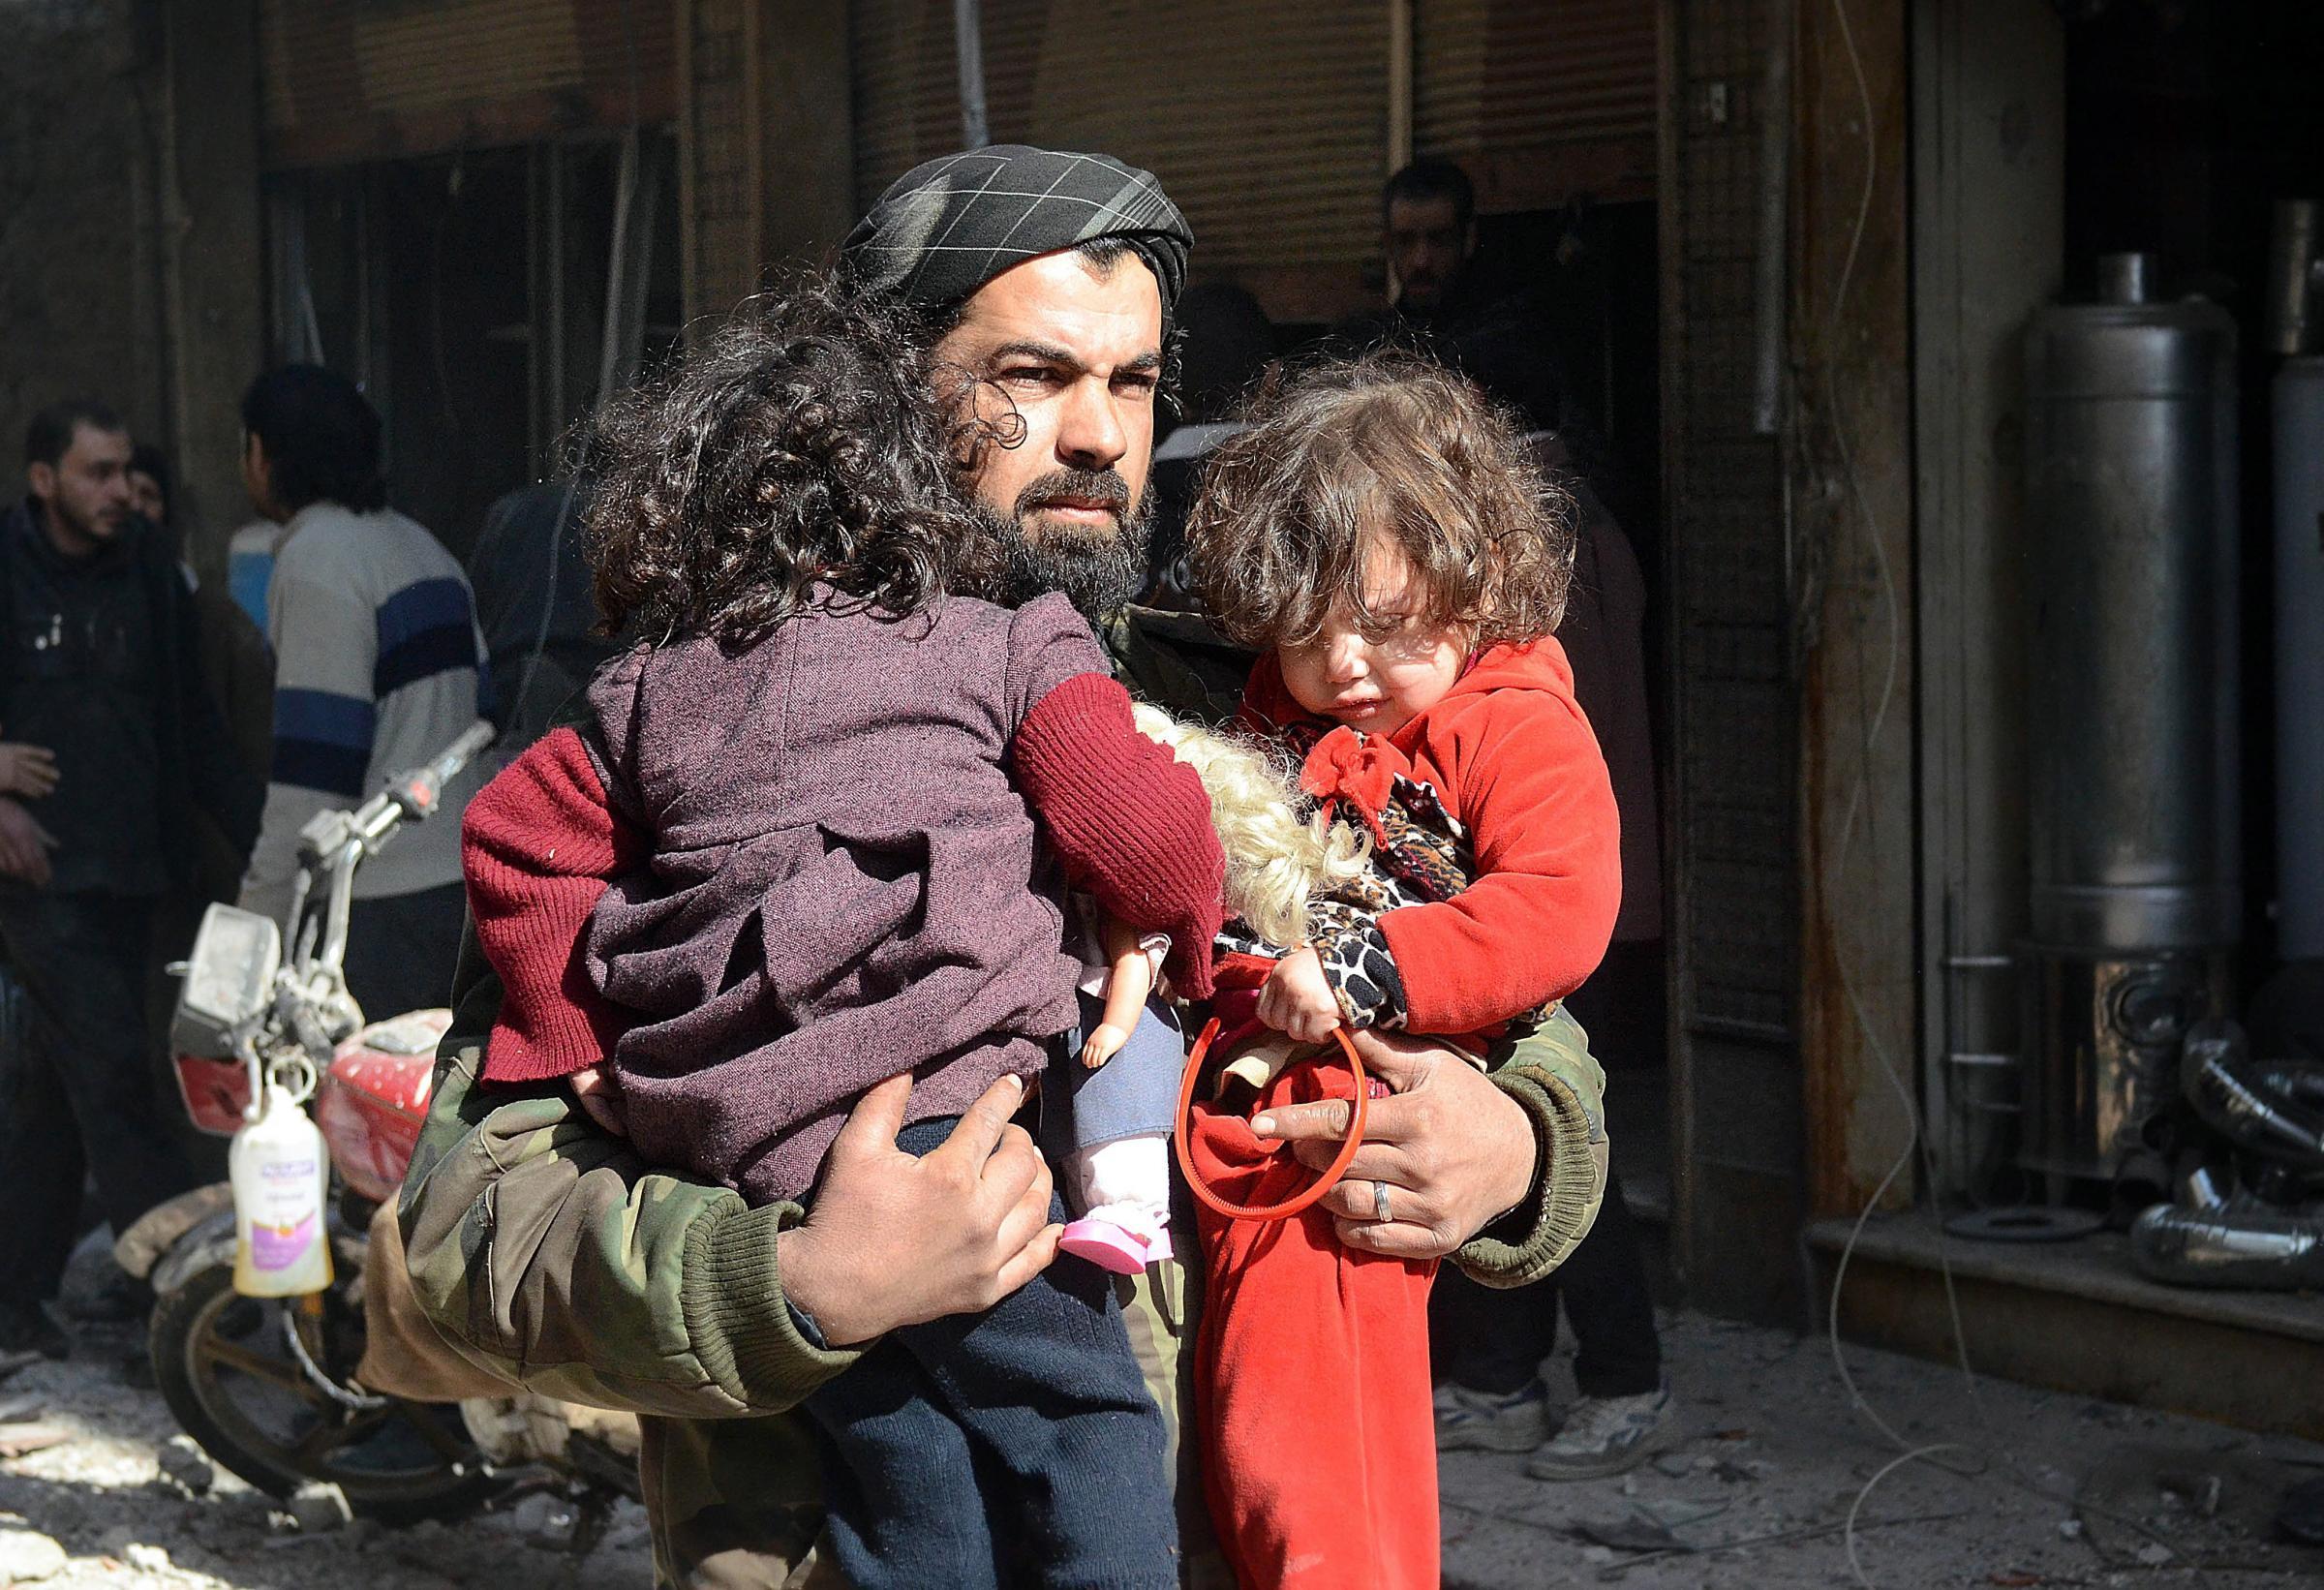 Guerra in Siria, la strage dei bambini: per Unicef peggiore di Bosnia e Ruanda